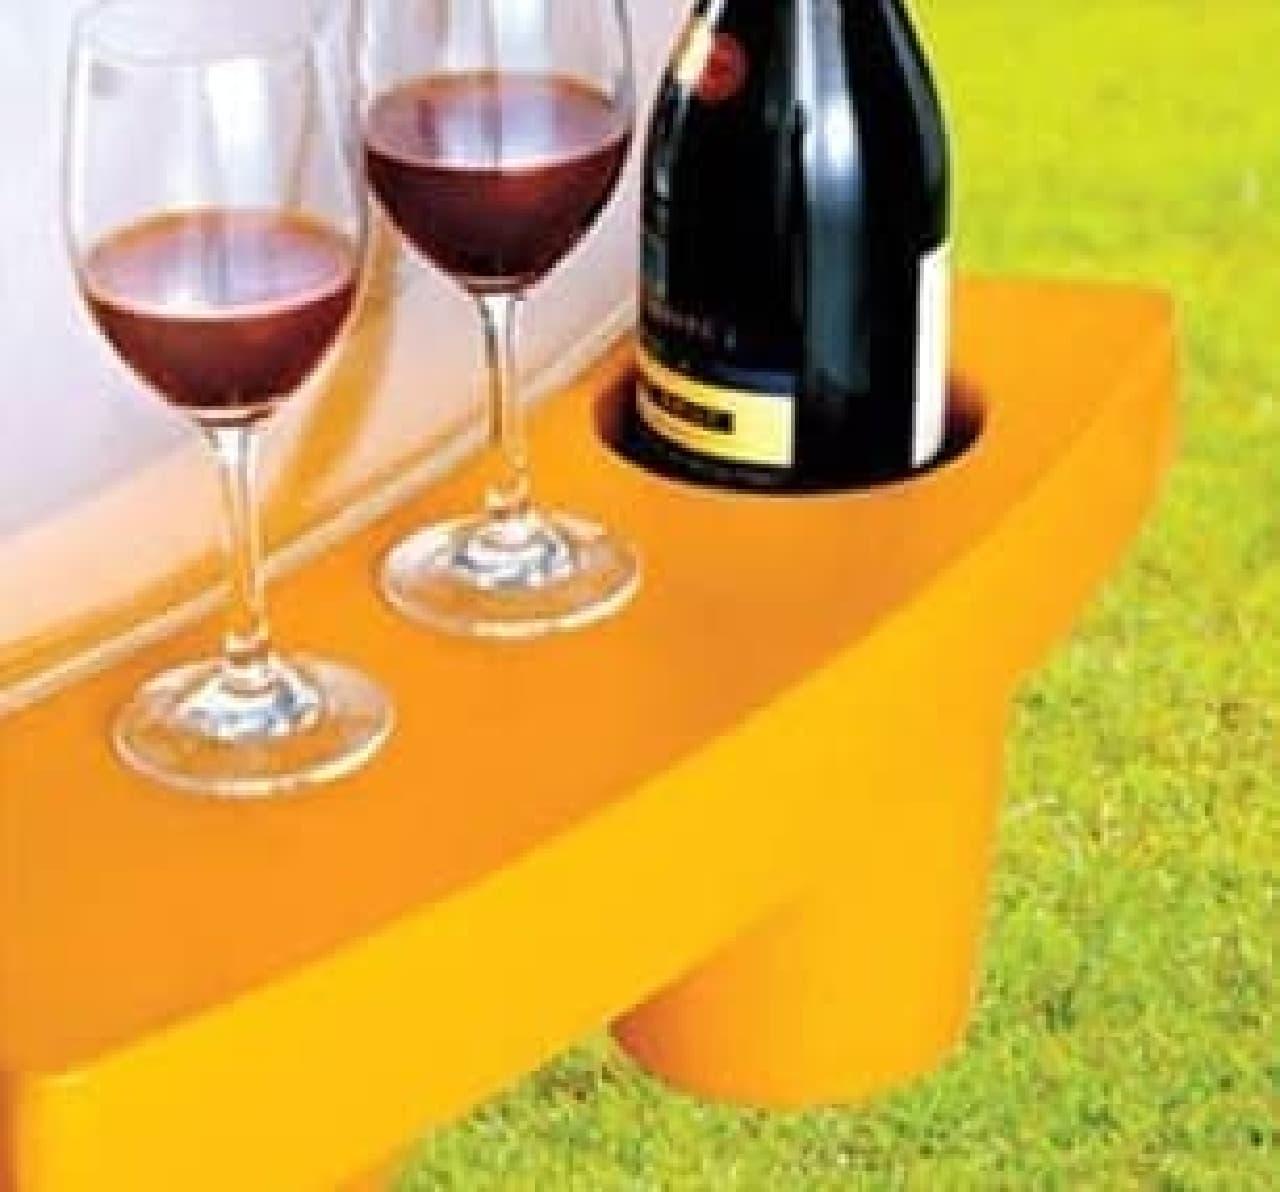 小さなテーブルとボトルホルダーが用意されている